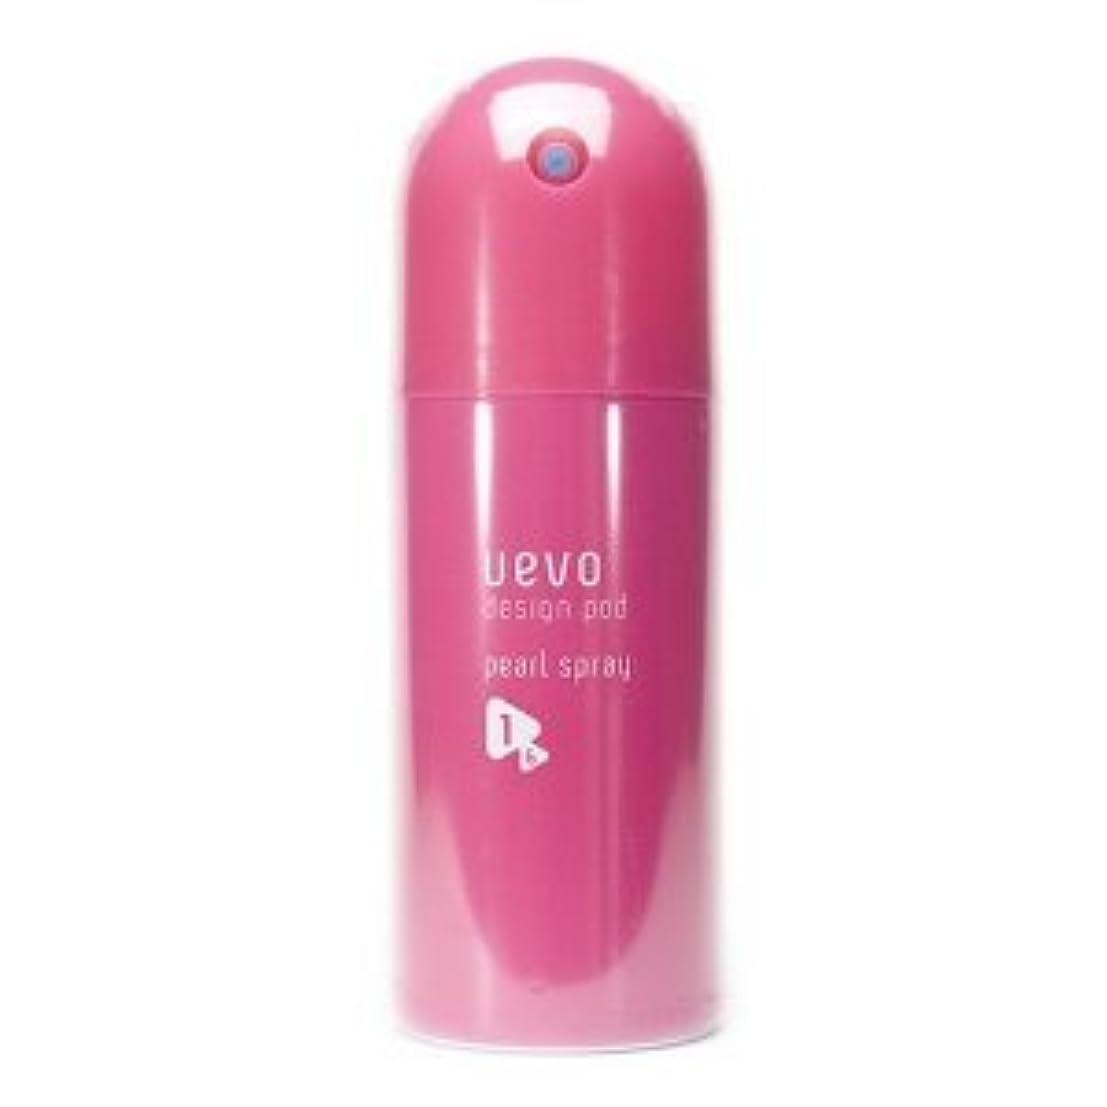 乱れ水フィット【X2個セット】 デミ ウェーボ デザインポッド パールスプレー 220ml pearl spray DEMI uevo design pod